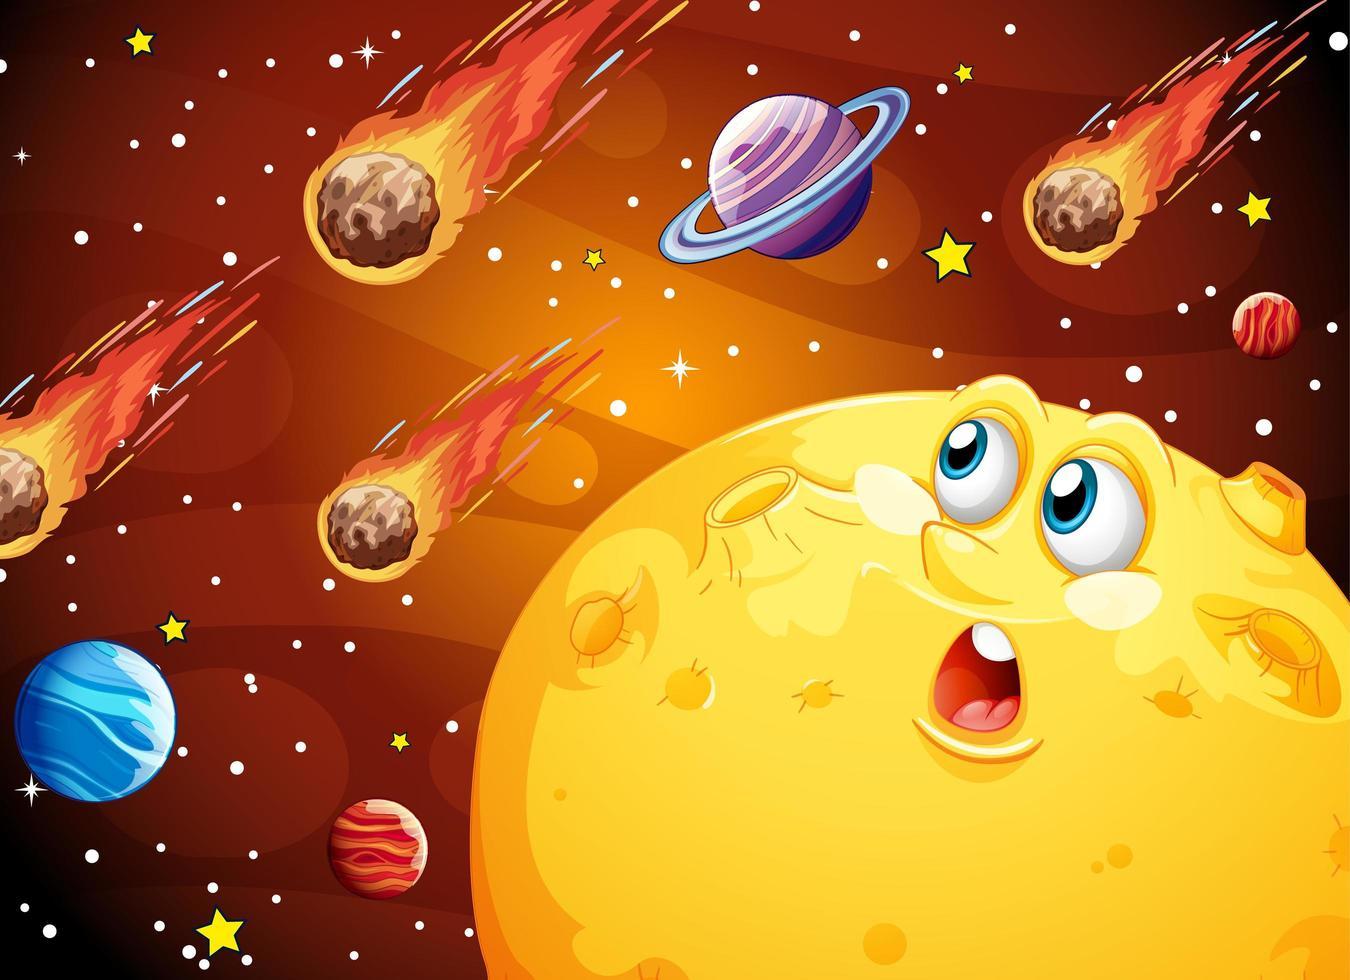 lune avec un visage heureux dans la galaxie spatiale vecteur